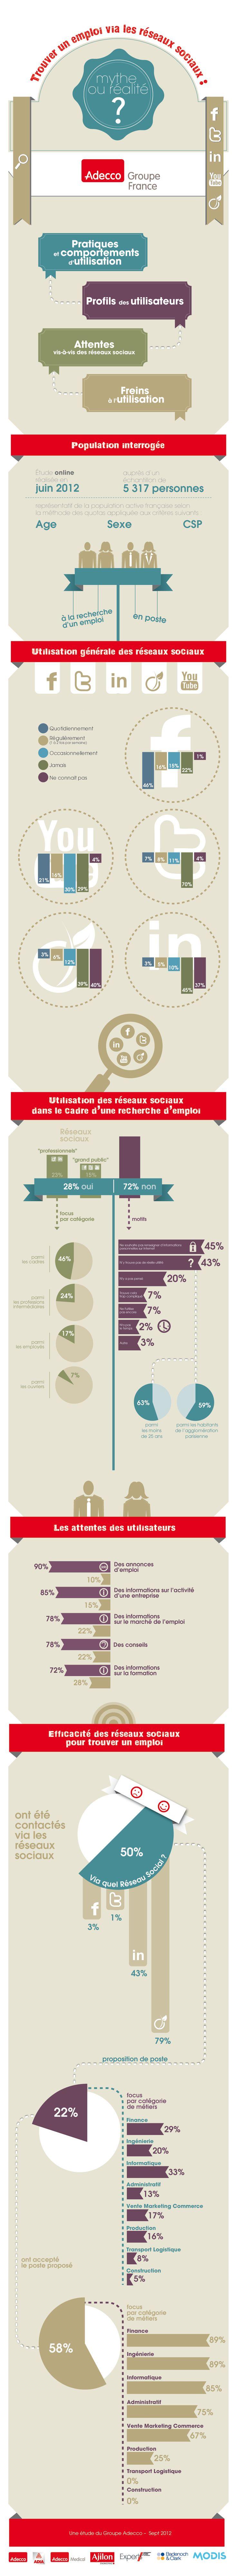 Les chiffres clefs du recrutement social en France via French Web